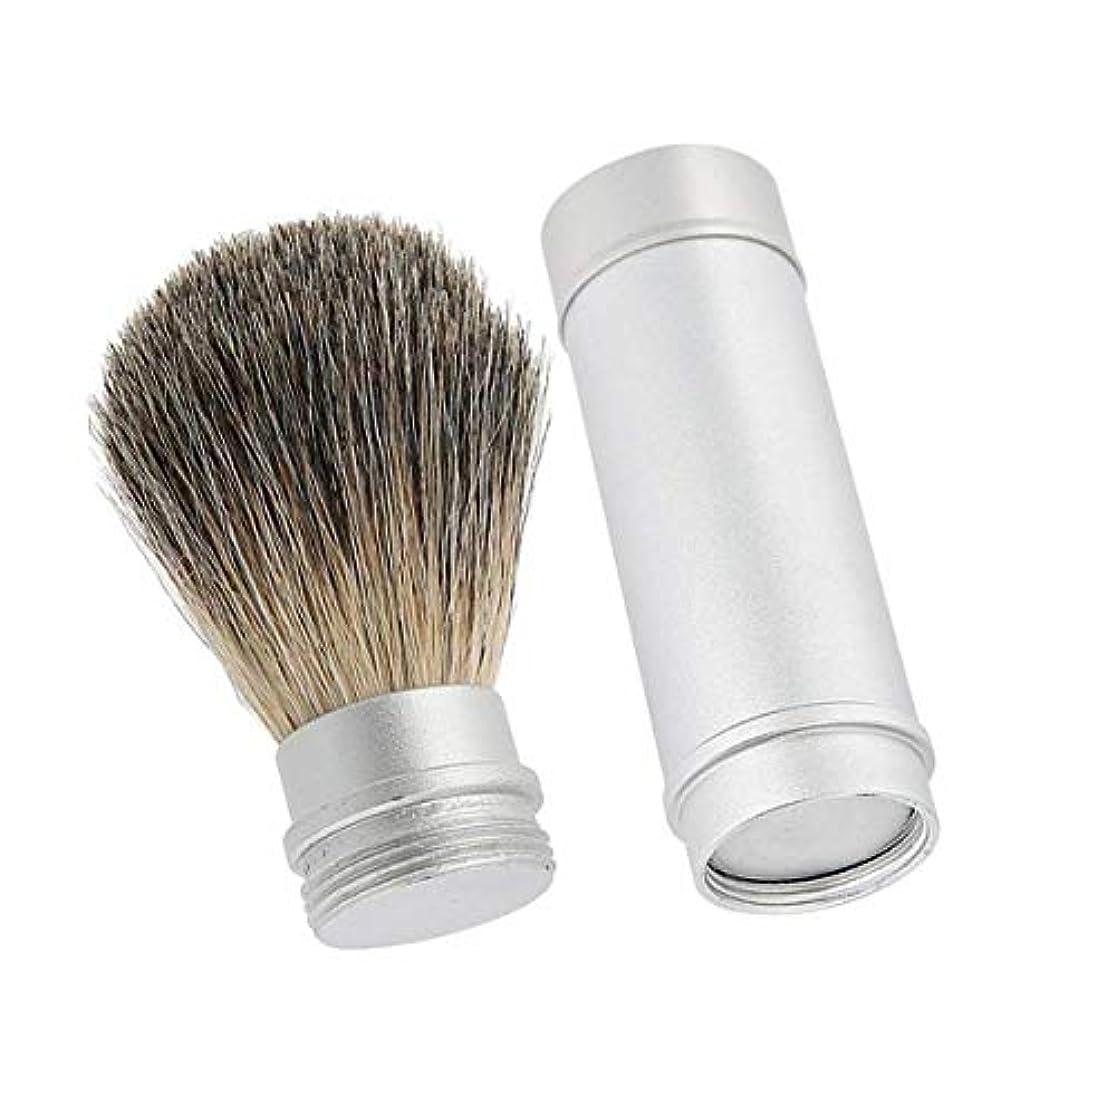 寄付最大のどのくらいの頻度でHealifty シェーブブラシクレンジングブラシ理髪ブラシ付きアルミチューブブレア